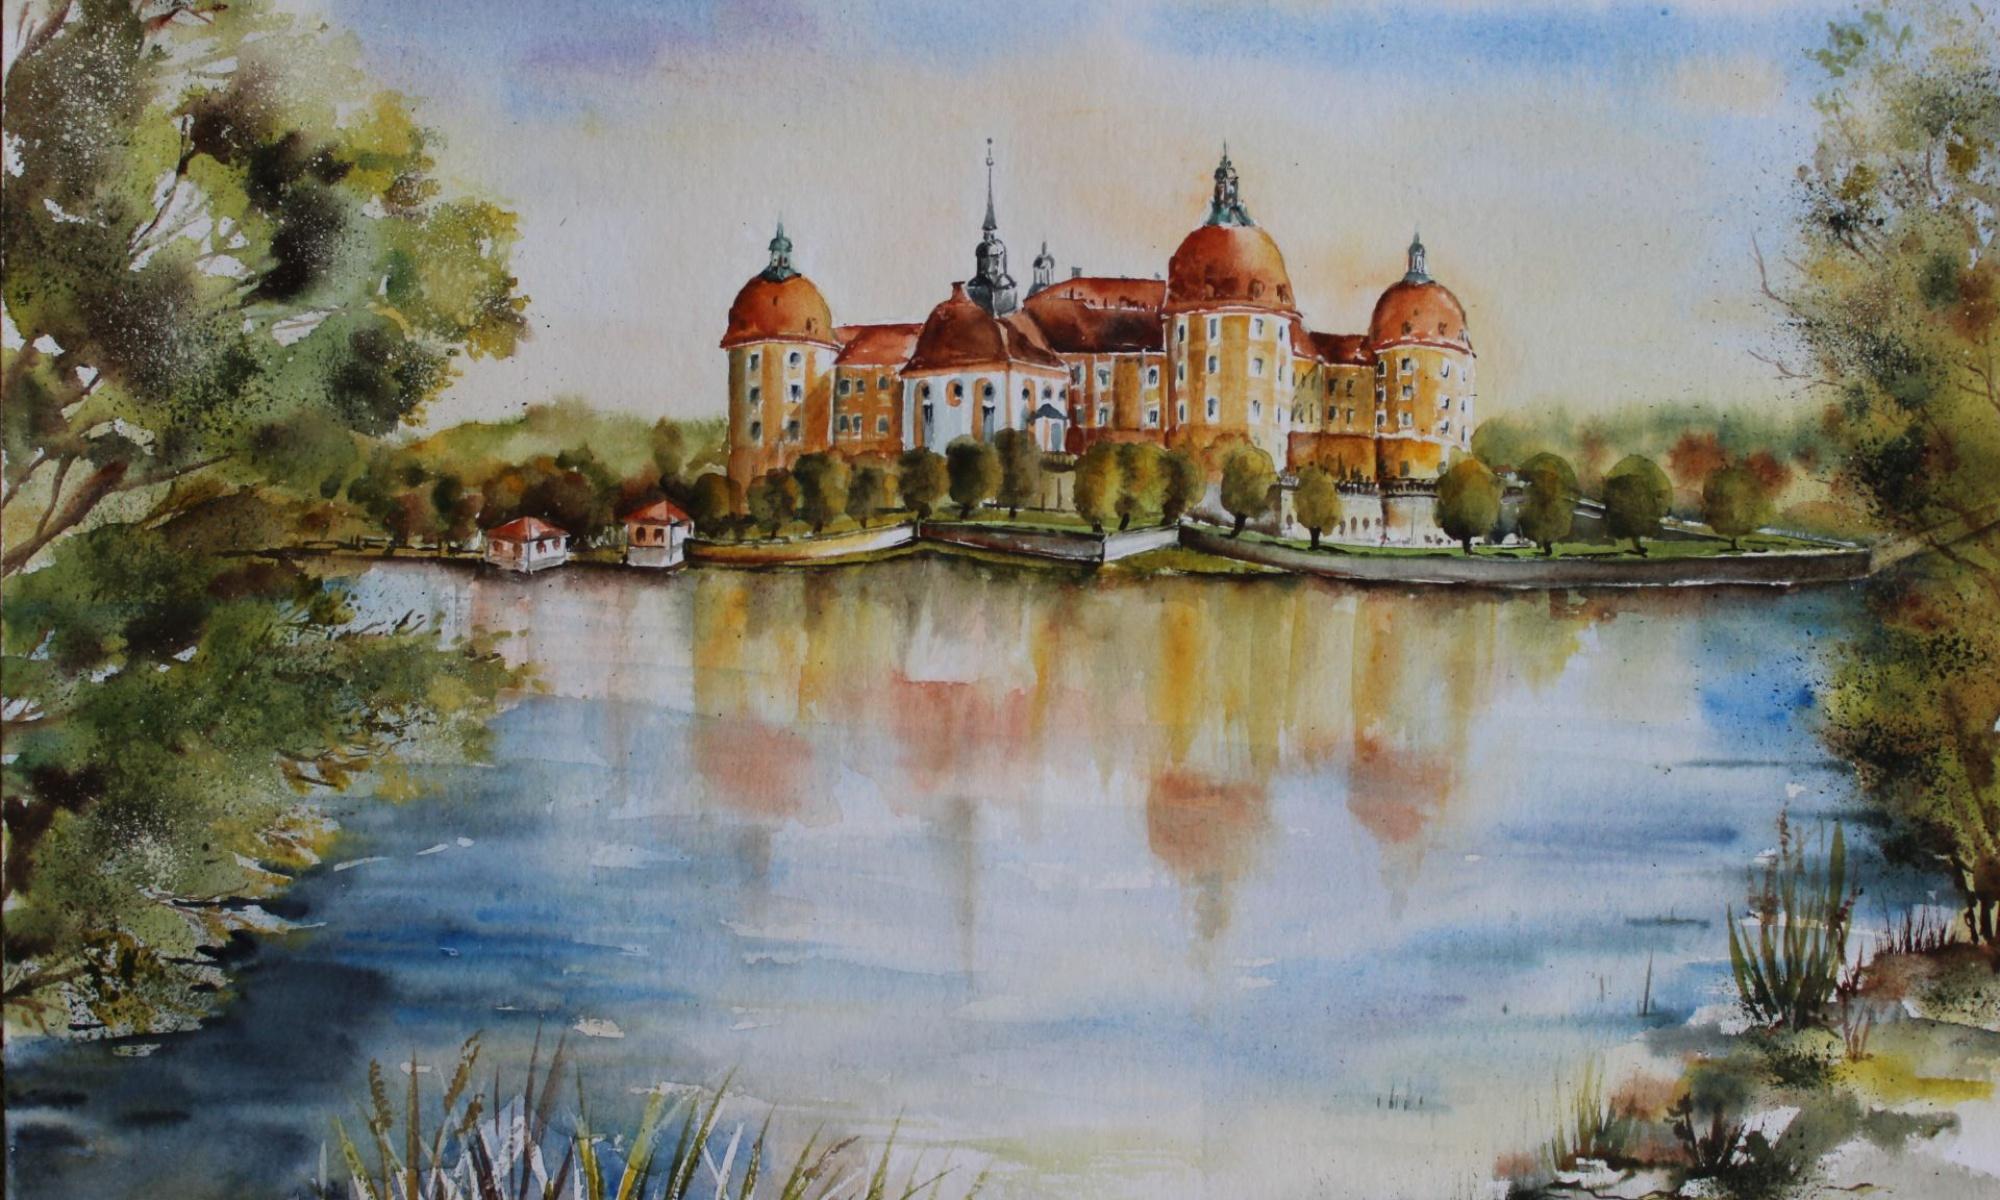 Sylvana Arndt